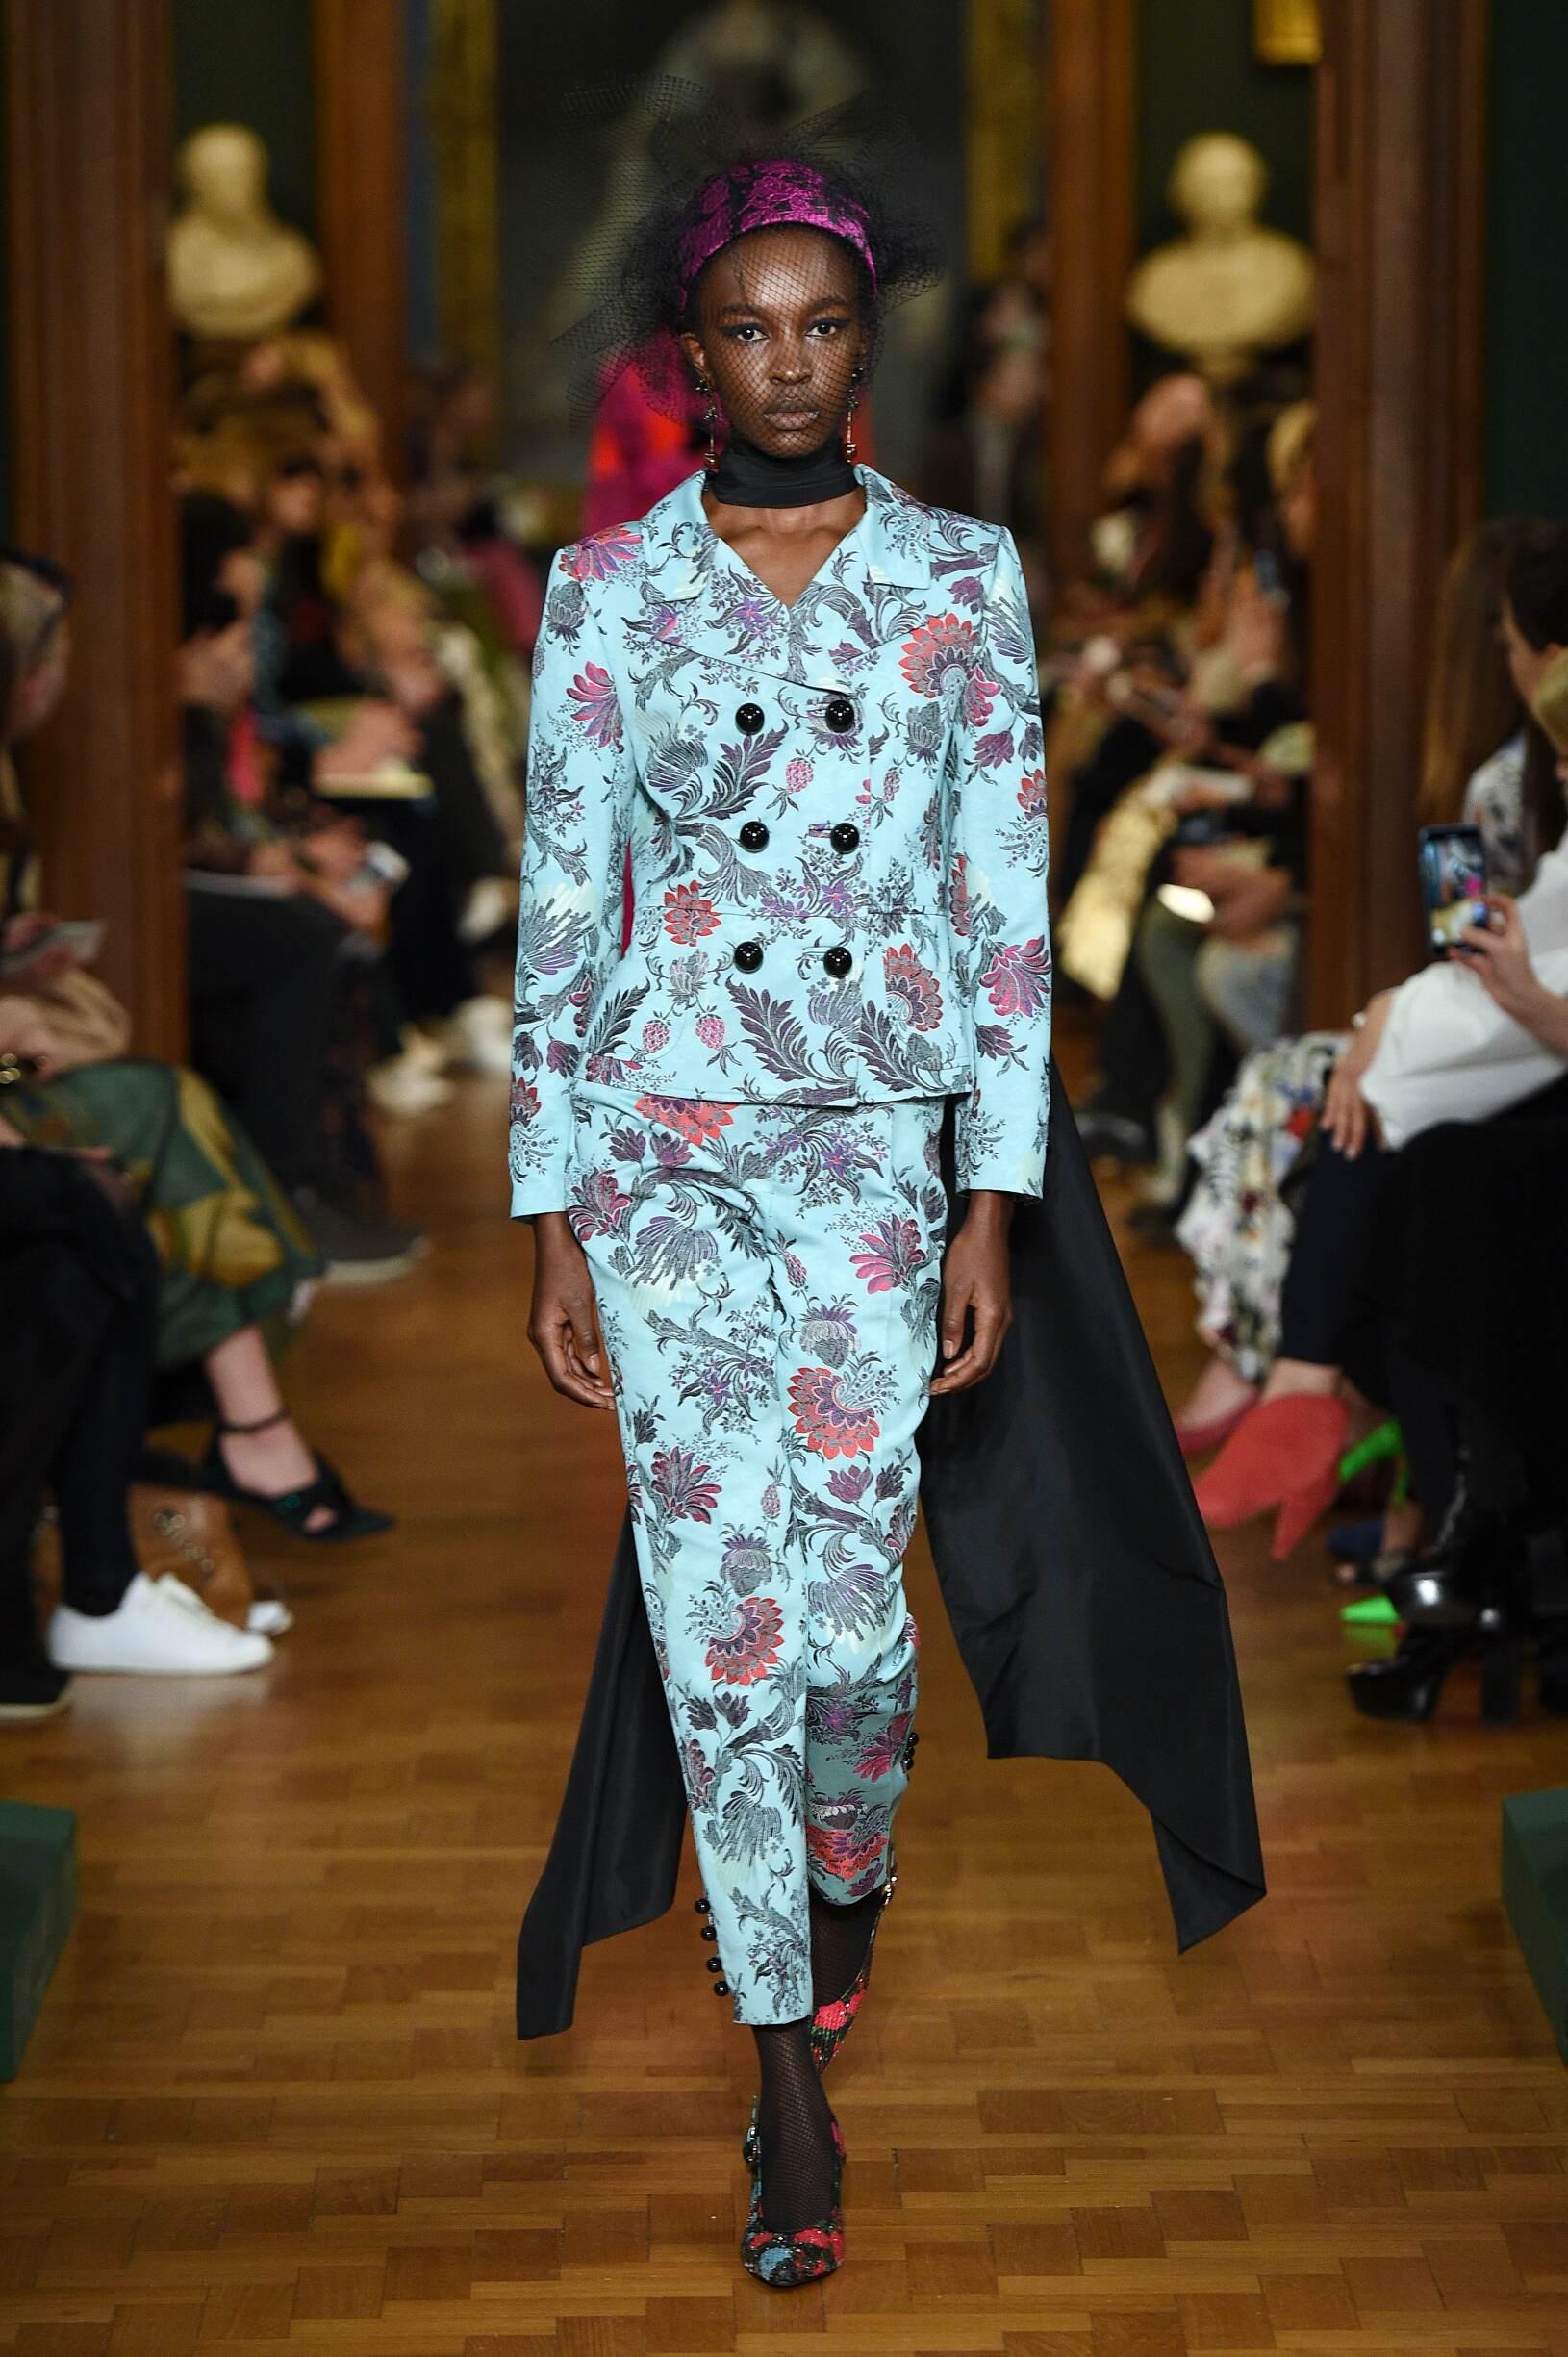 Fashion Show Woman Model Erdem Catwalk